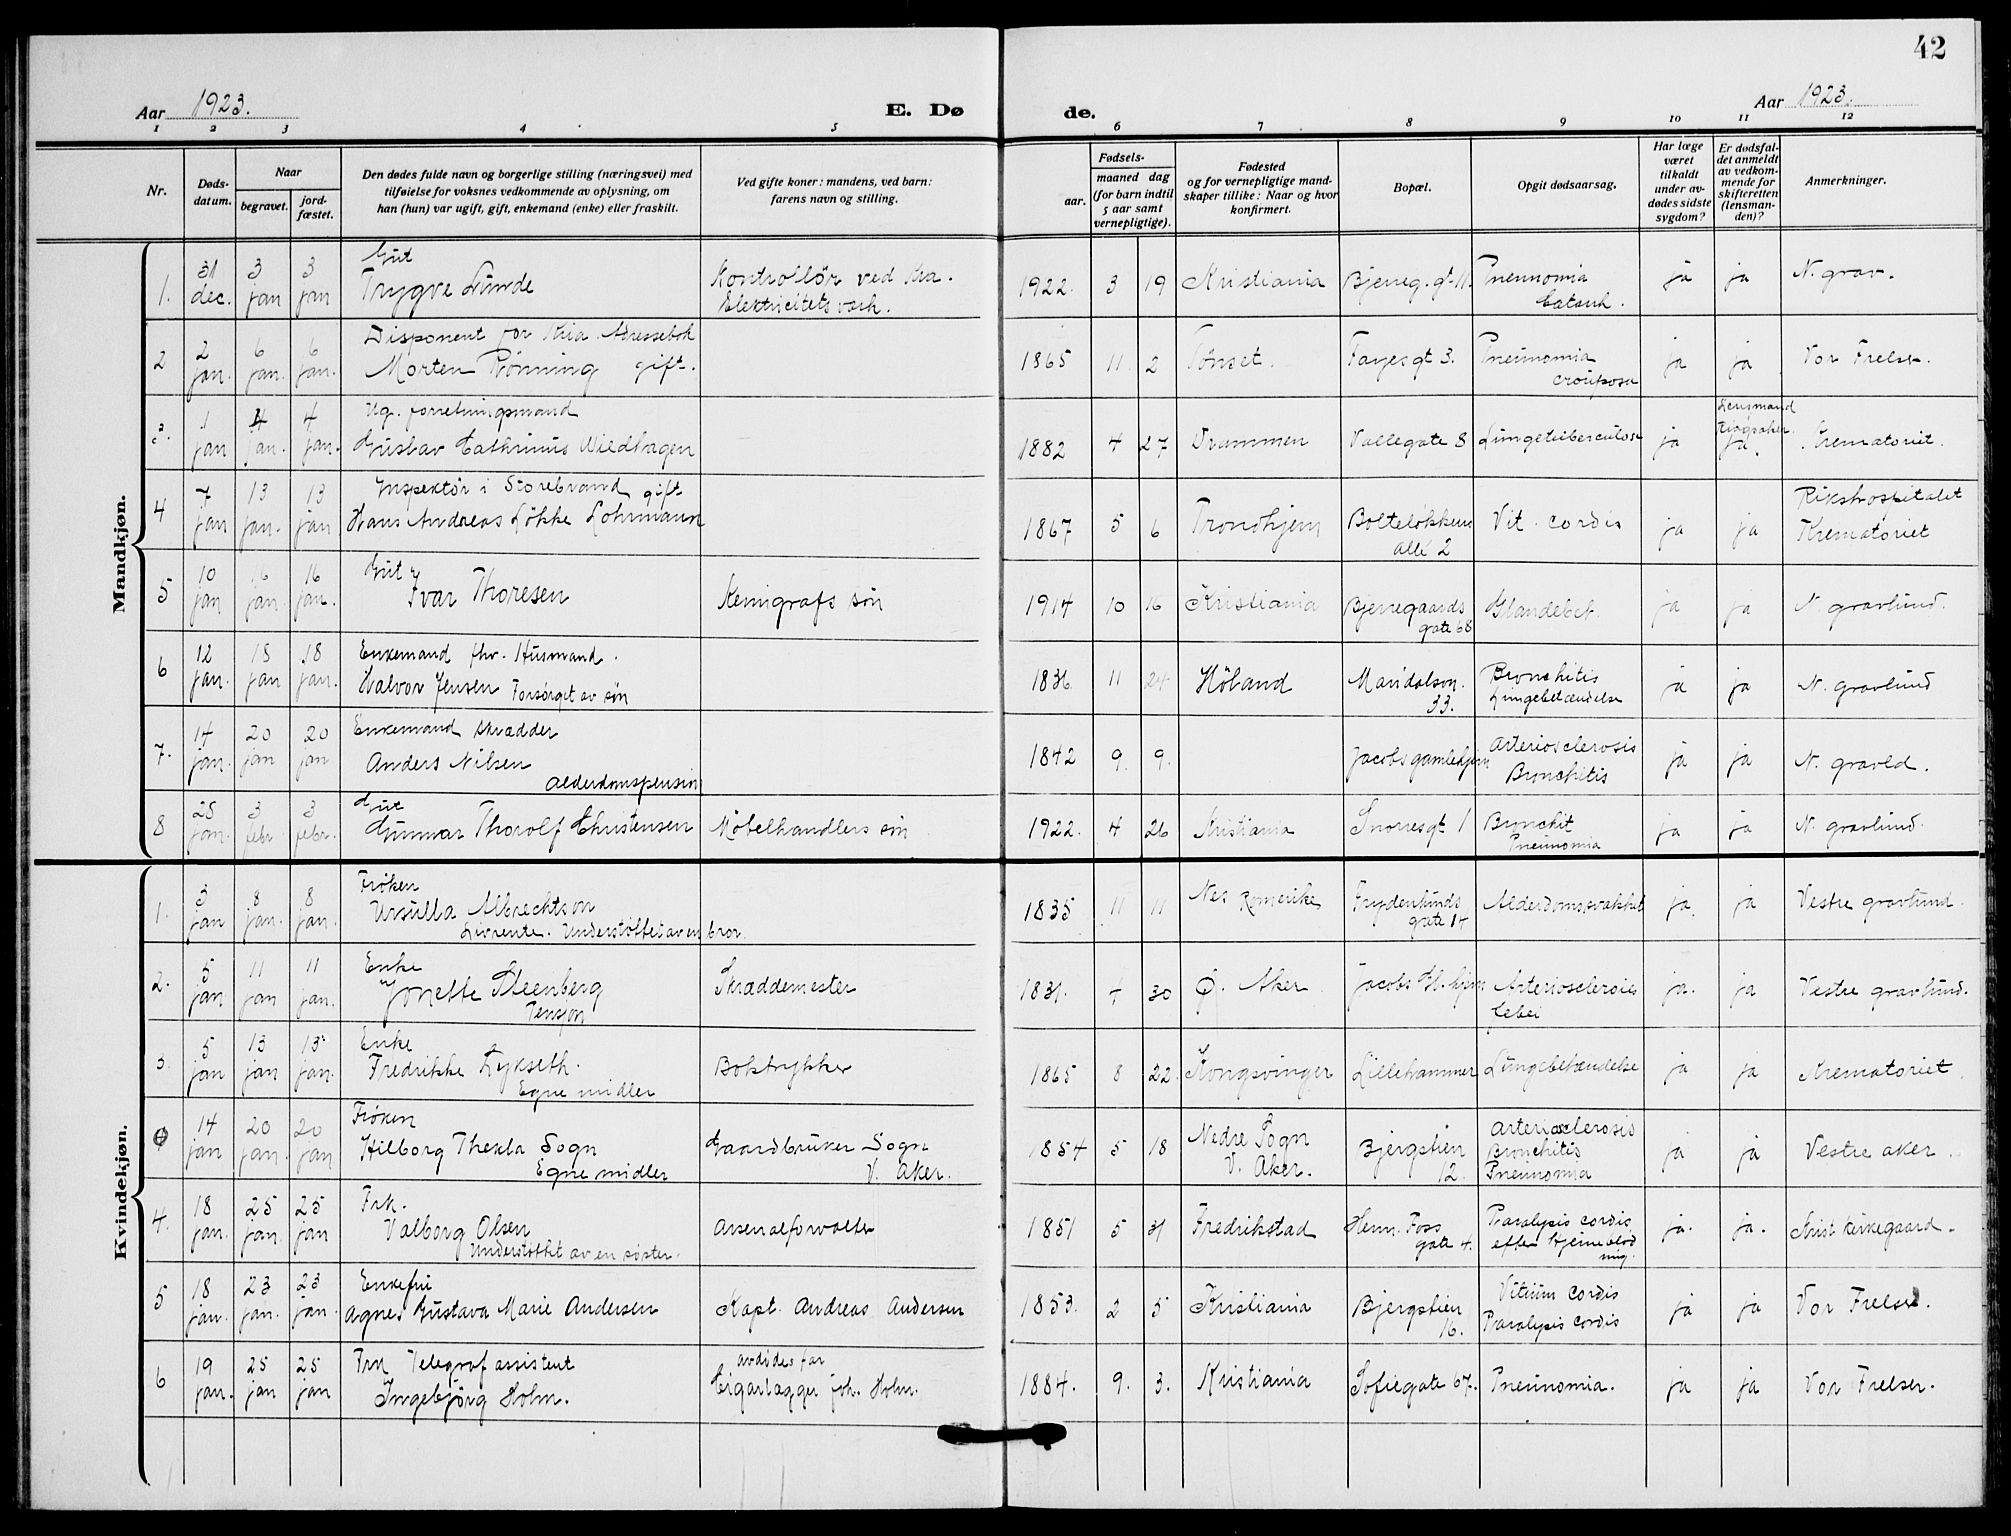 SAO, Gamle Aker prestekontor Kirkebøker, F/L0016: Ministerialbok nr. 16, 1919-1931, s. 42